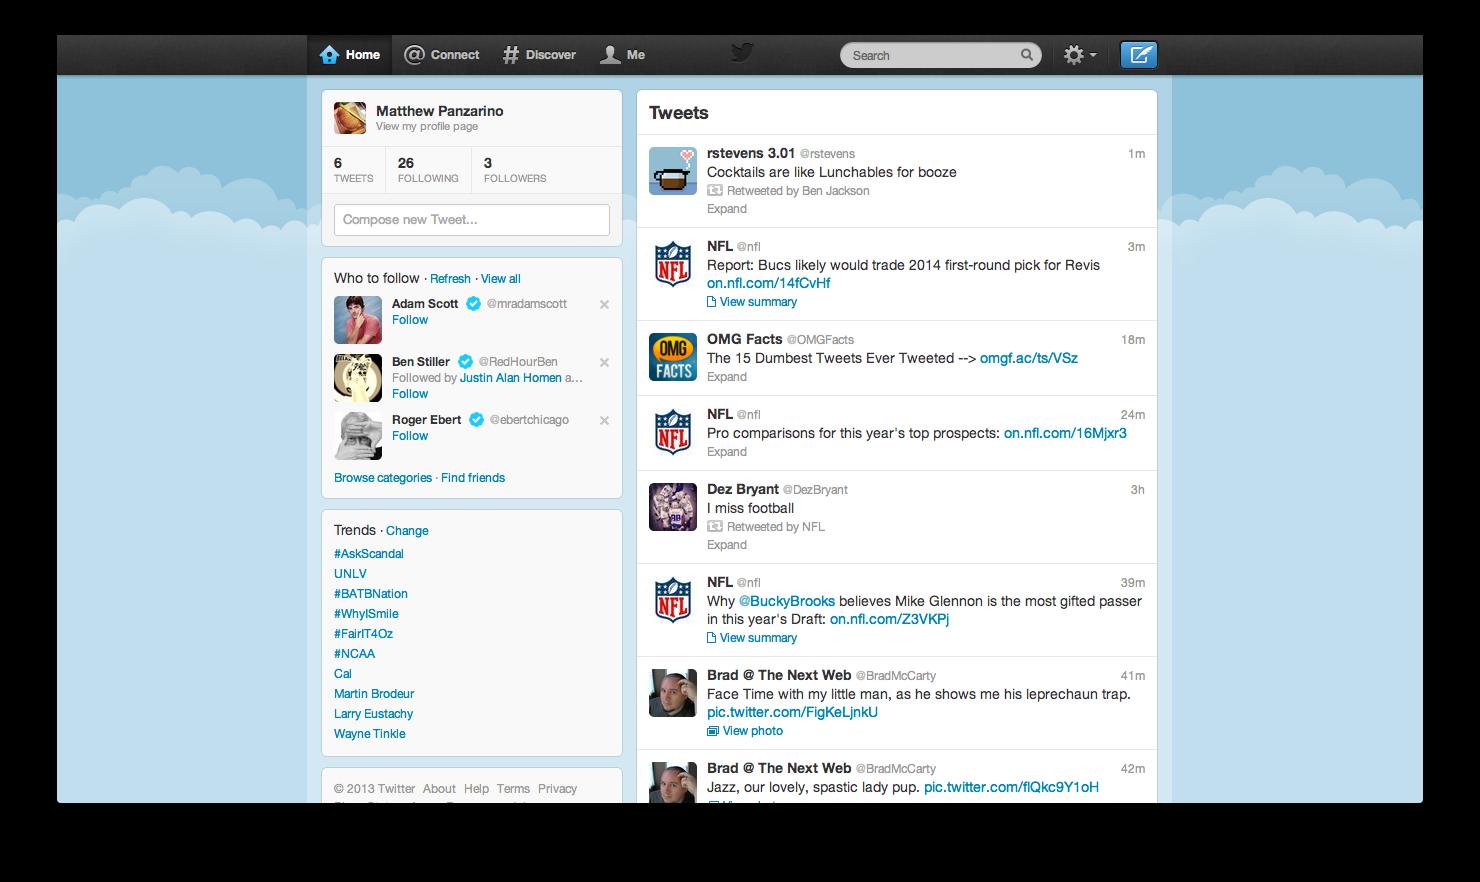 Screen Shot 2013-03-21 at 7.49.58 PM